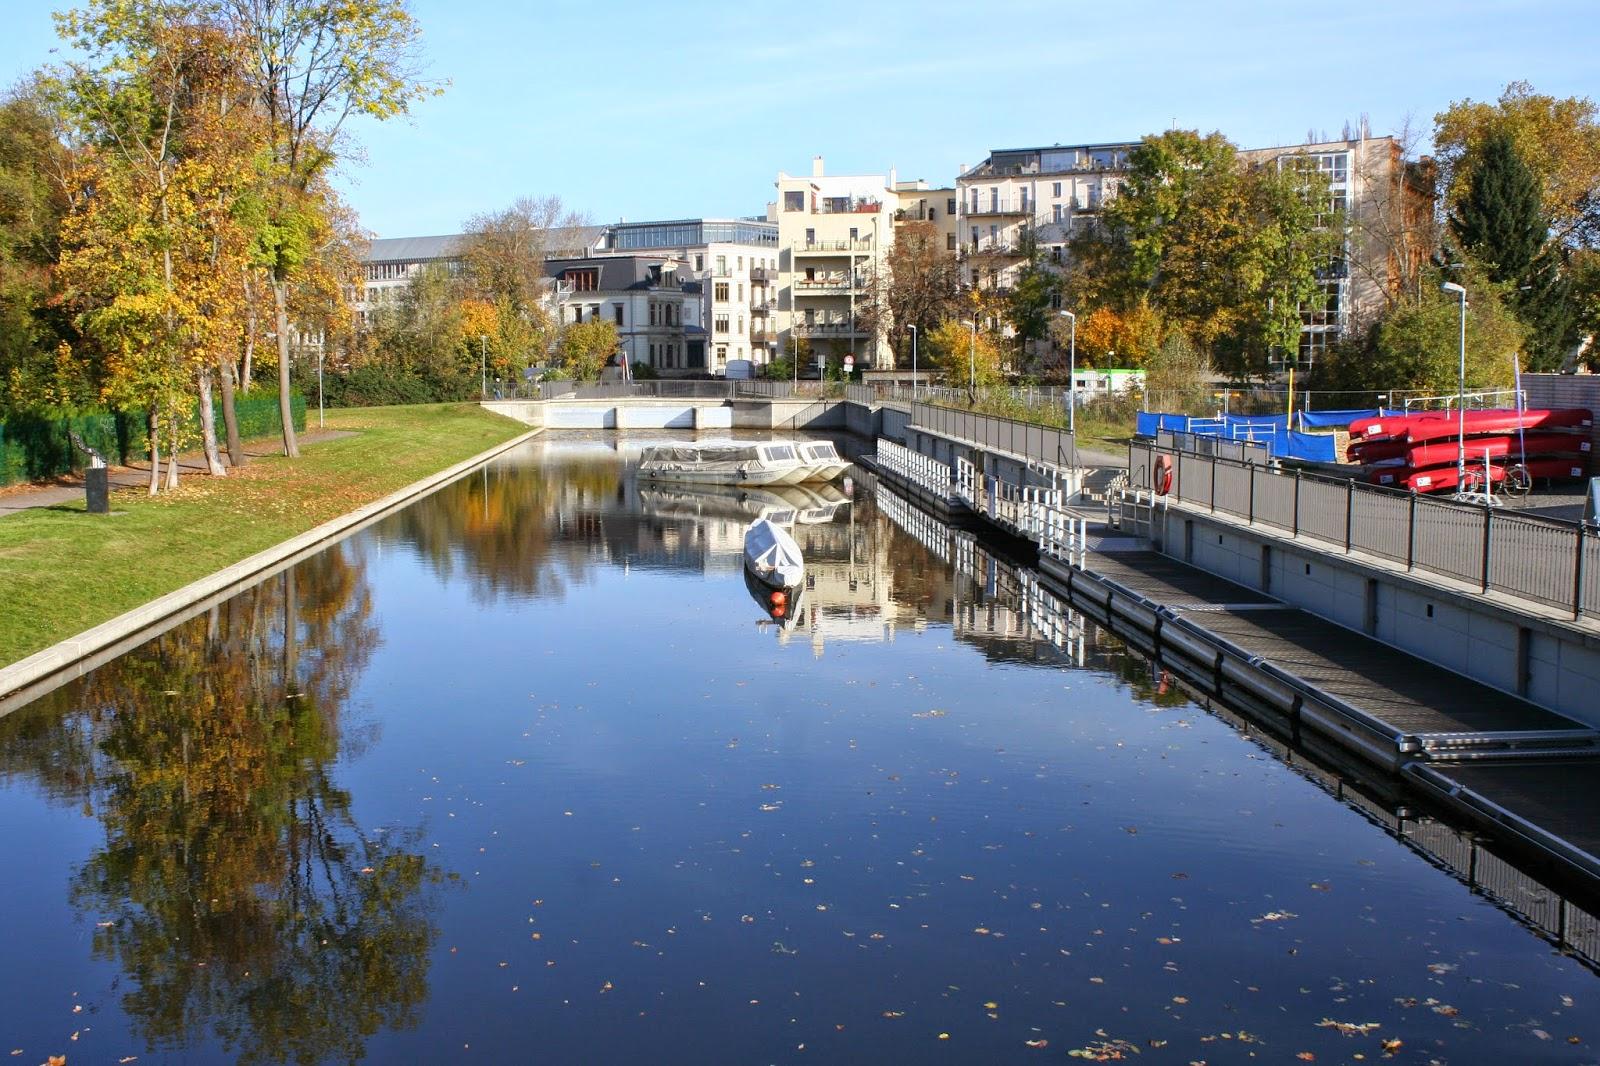 Stadthafen am Schreberbad mit Elstermühlgraben - Rechts der Stadthafensteg